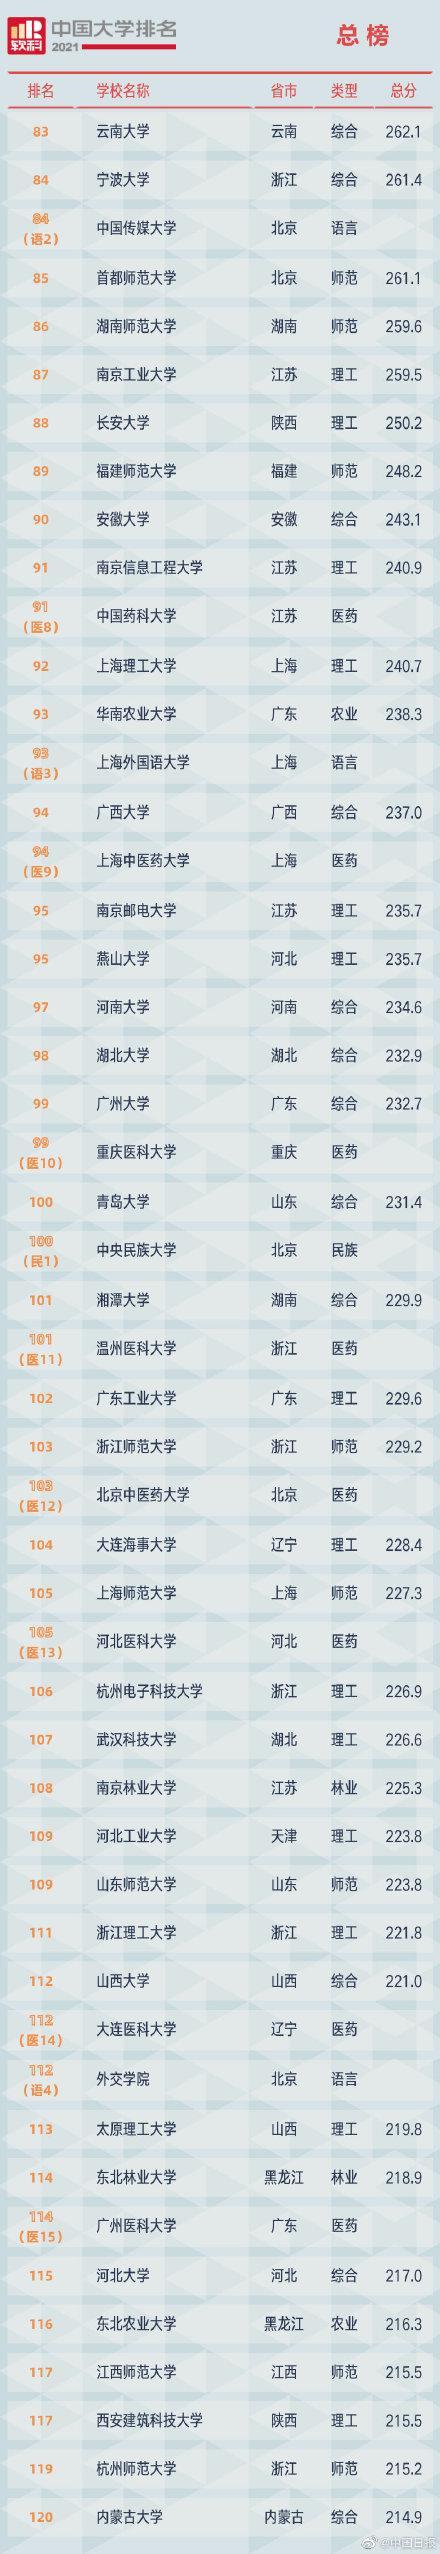 2021软科中国大学排名发布 全球新闻风头榜 第3张